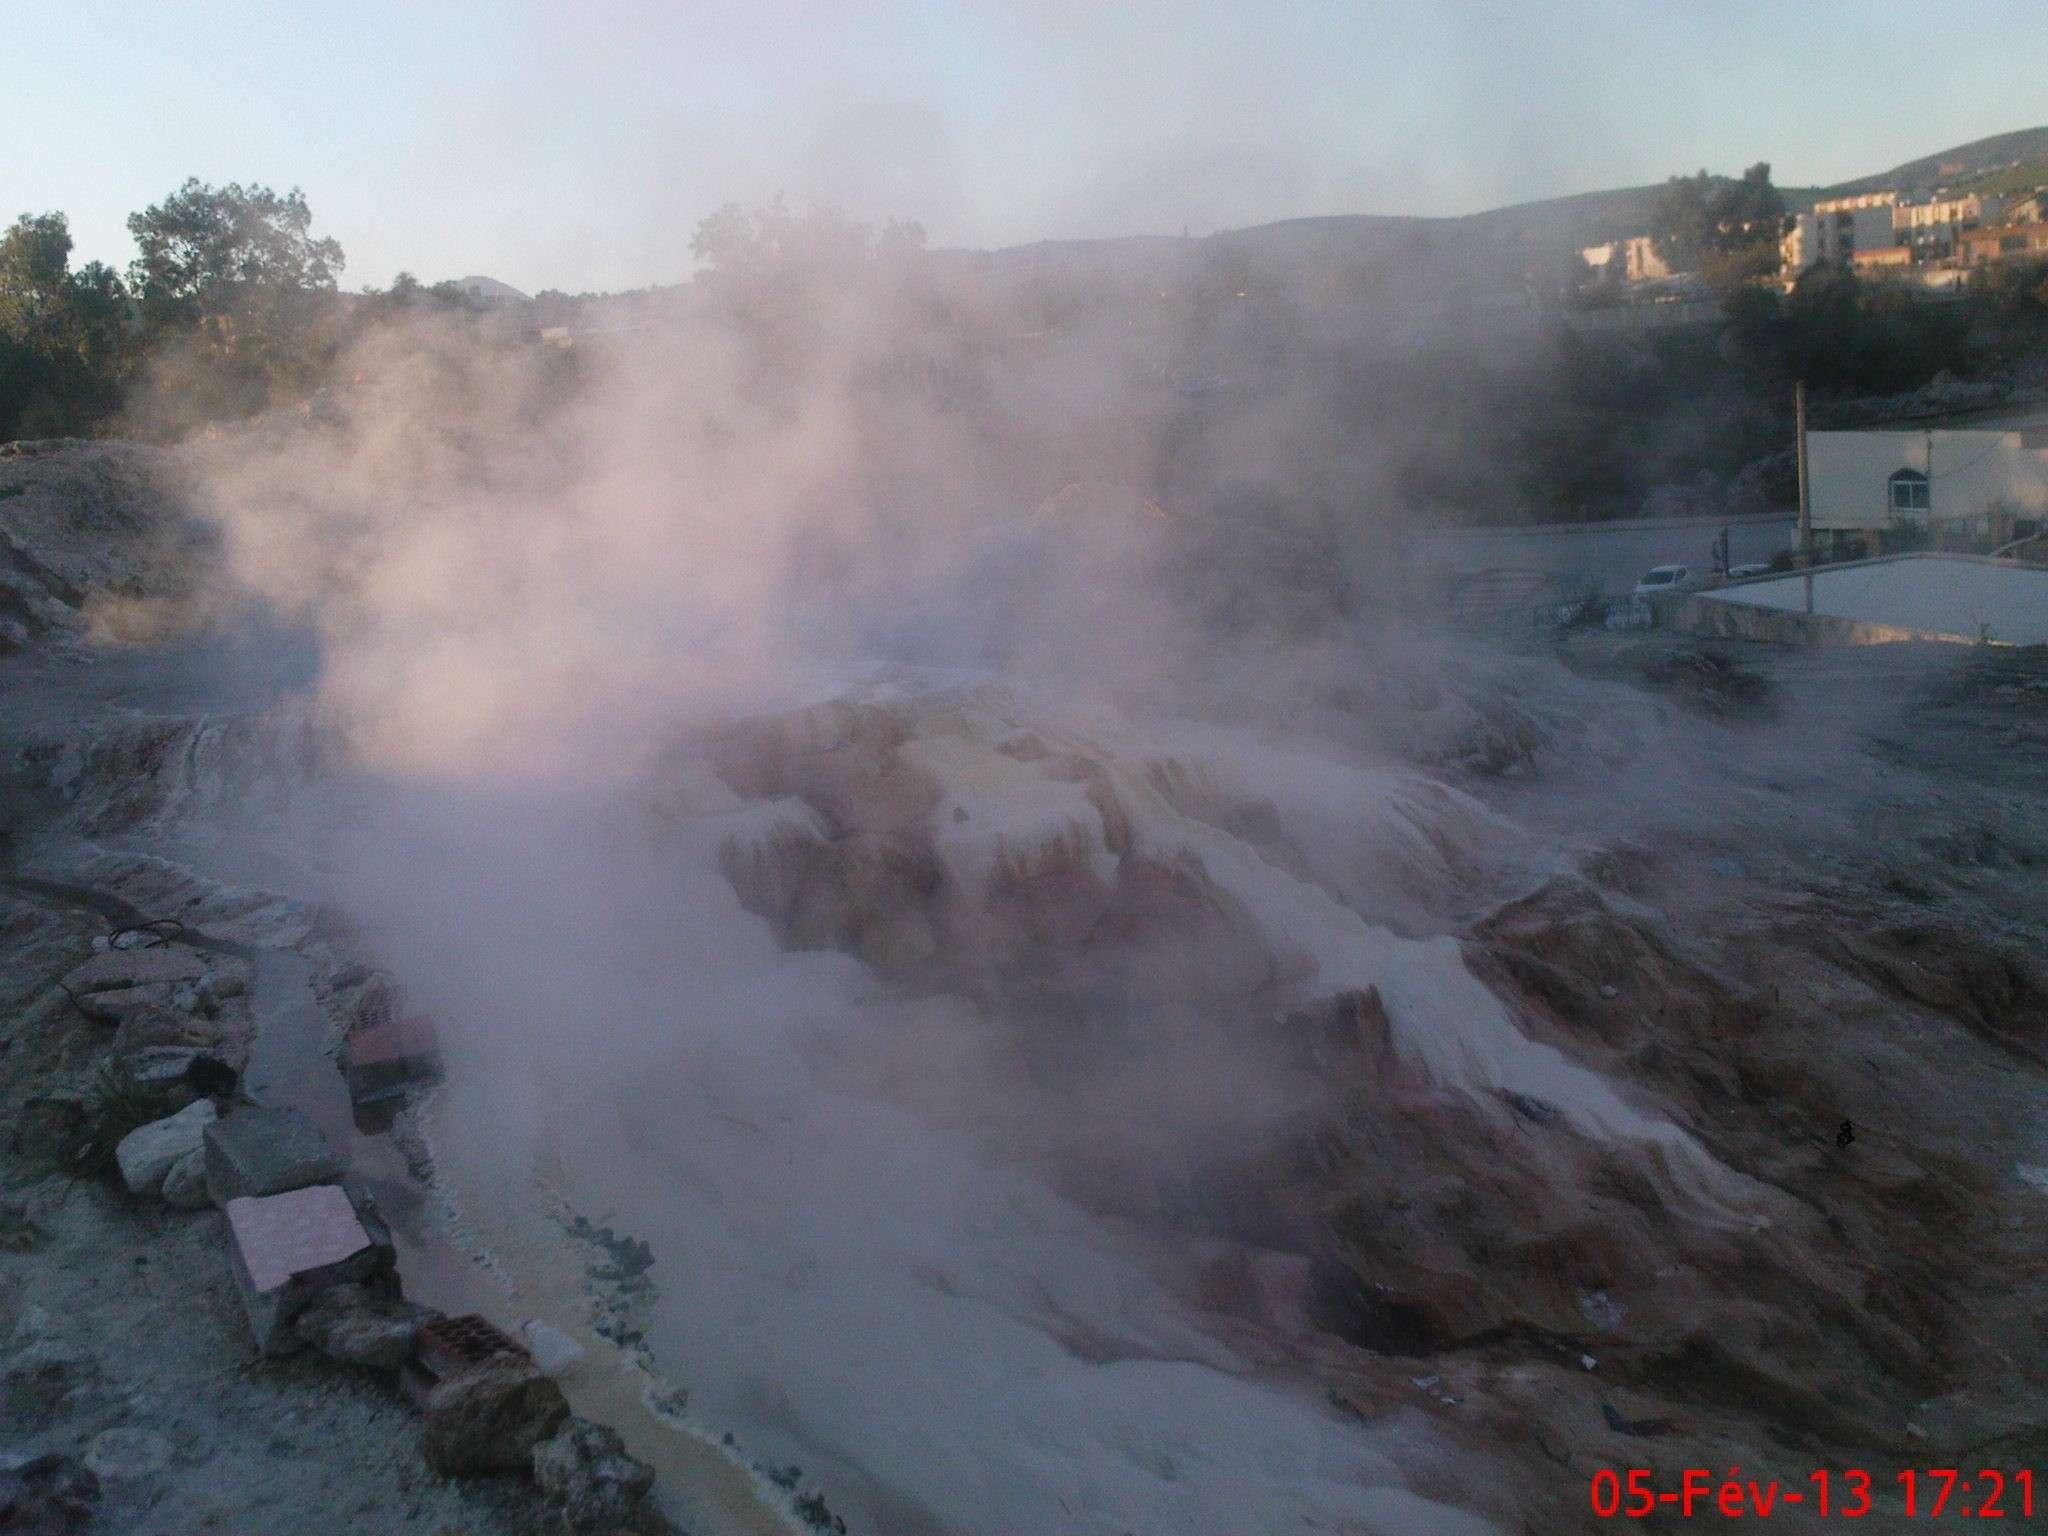 شاهد سحر وجمال الطبيعة في حمام المسخوطين Dsc02127